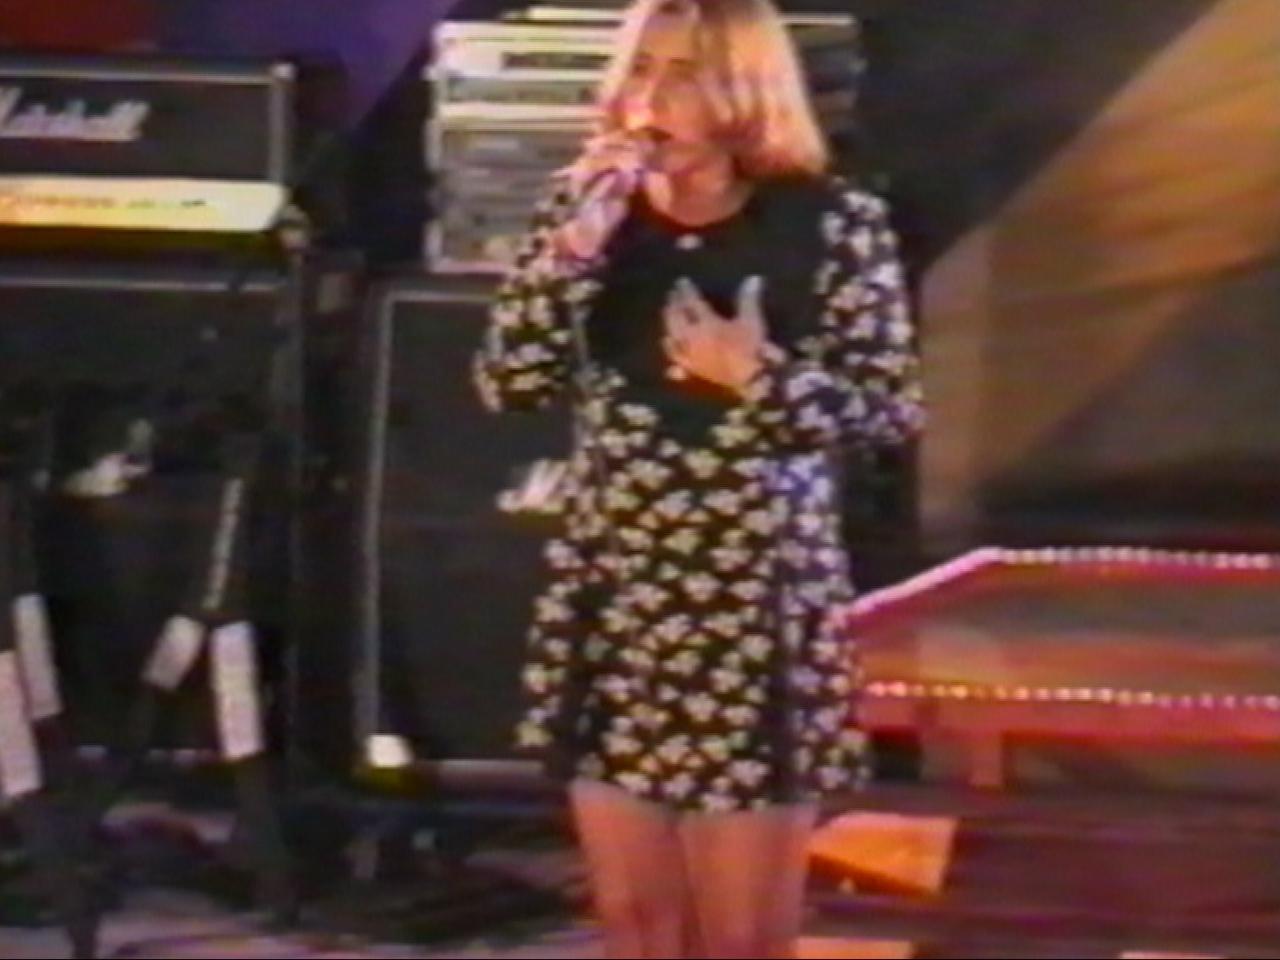 Amara 1996 - Premiul 1 - Florentina Tukel.jpg